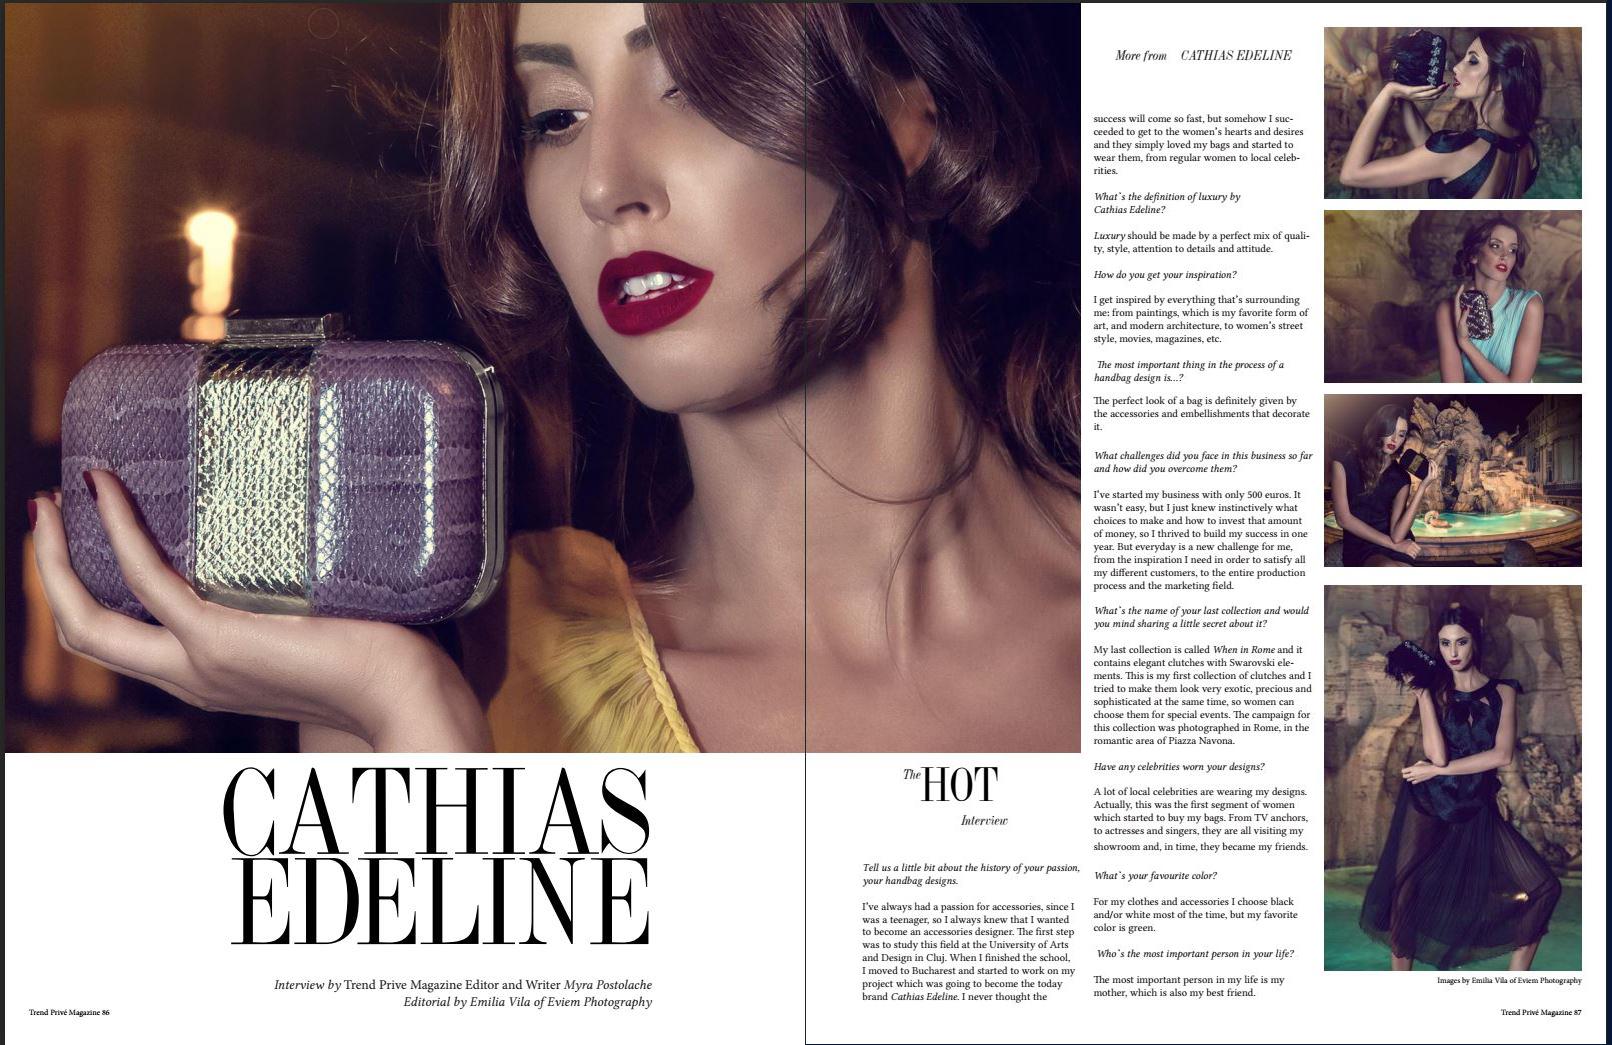 Chatias-page1ab.jpg